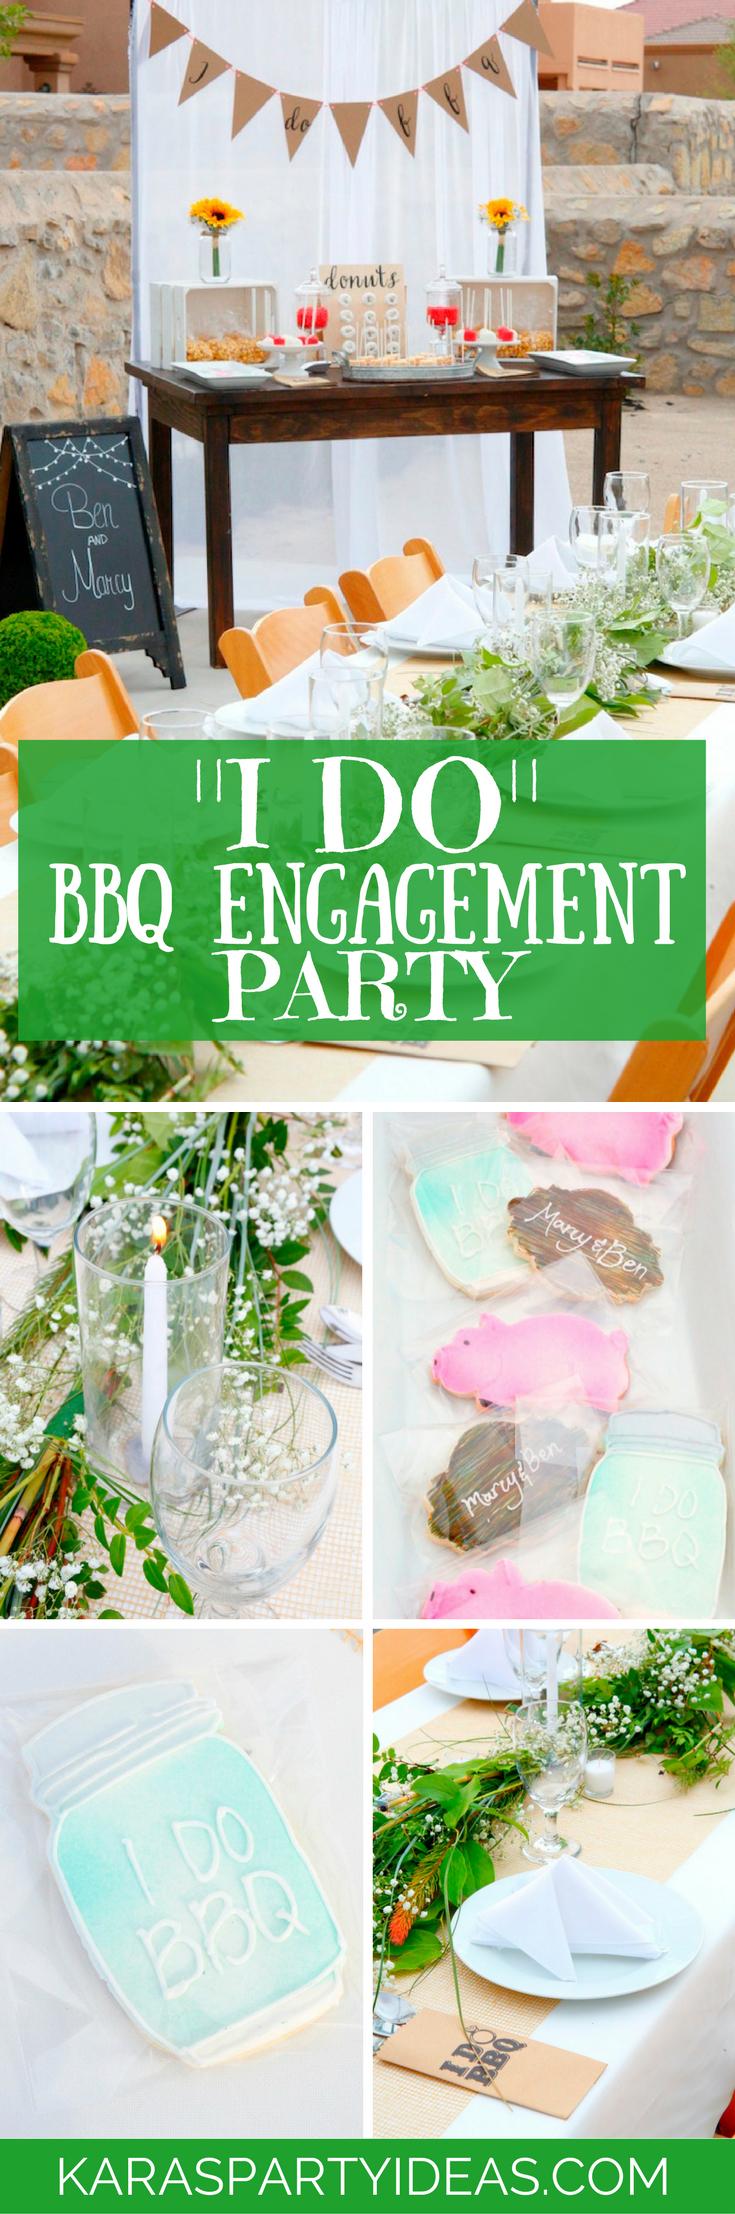 I Do BBQ Engagement Party Via Karas Ideas